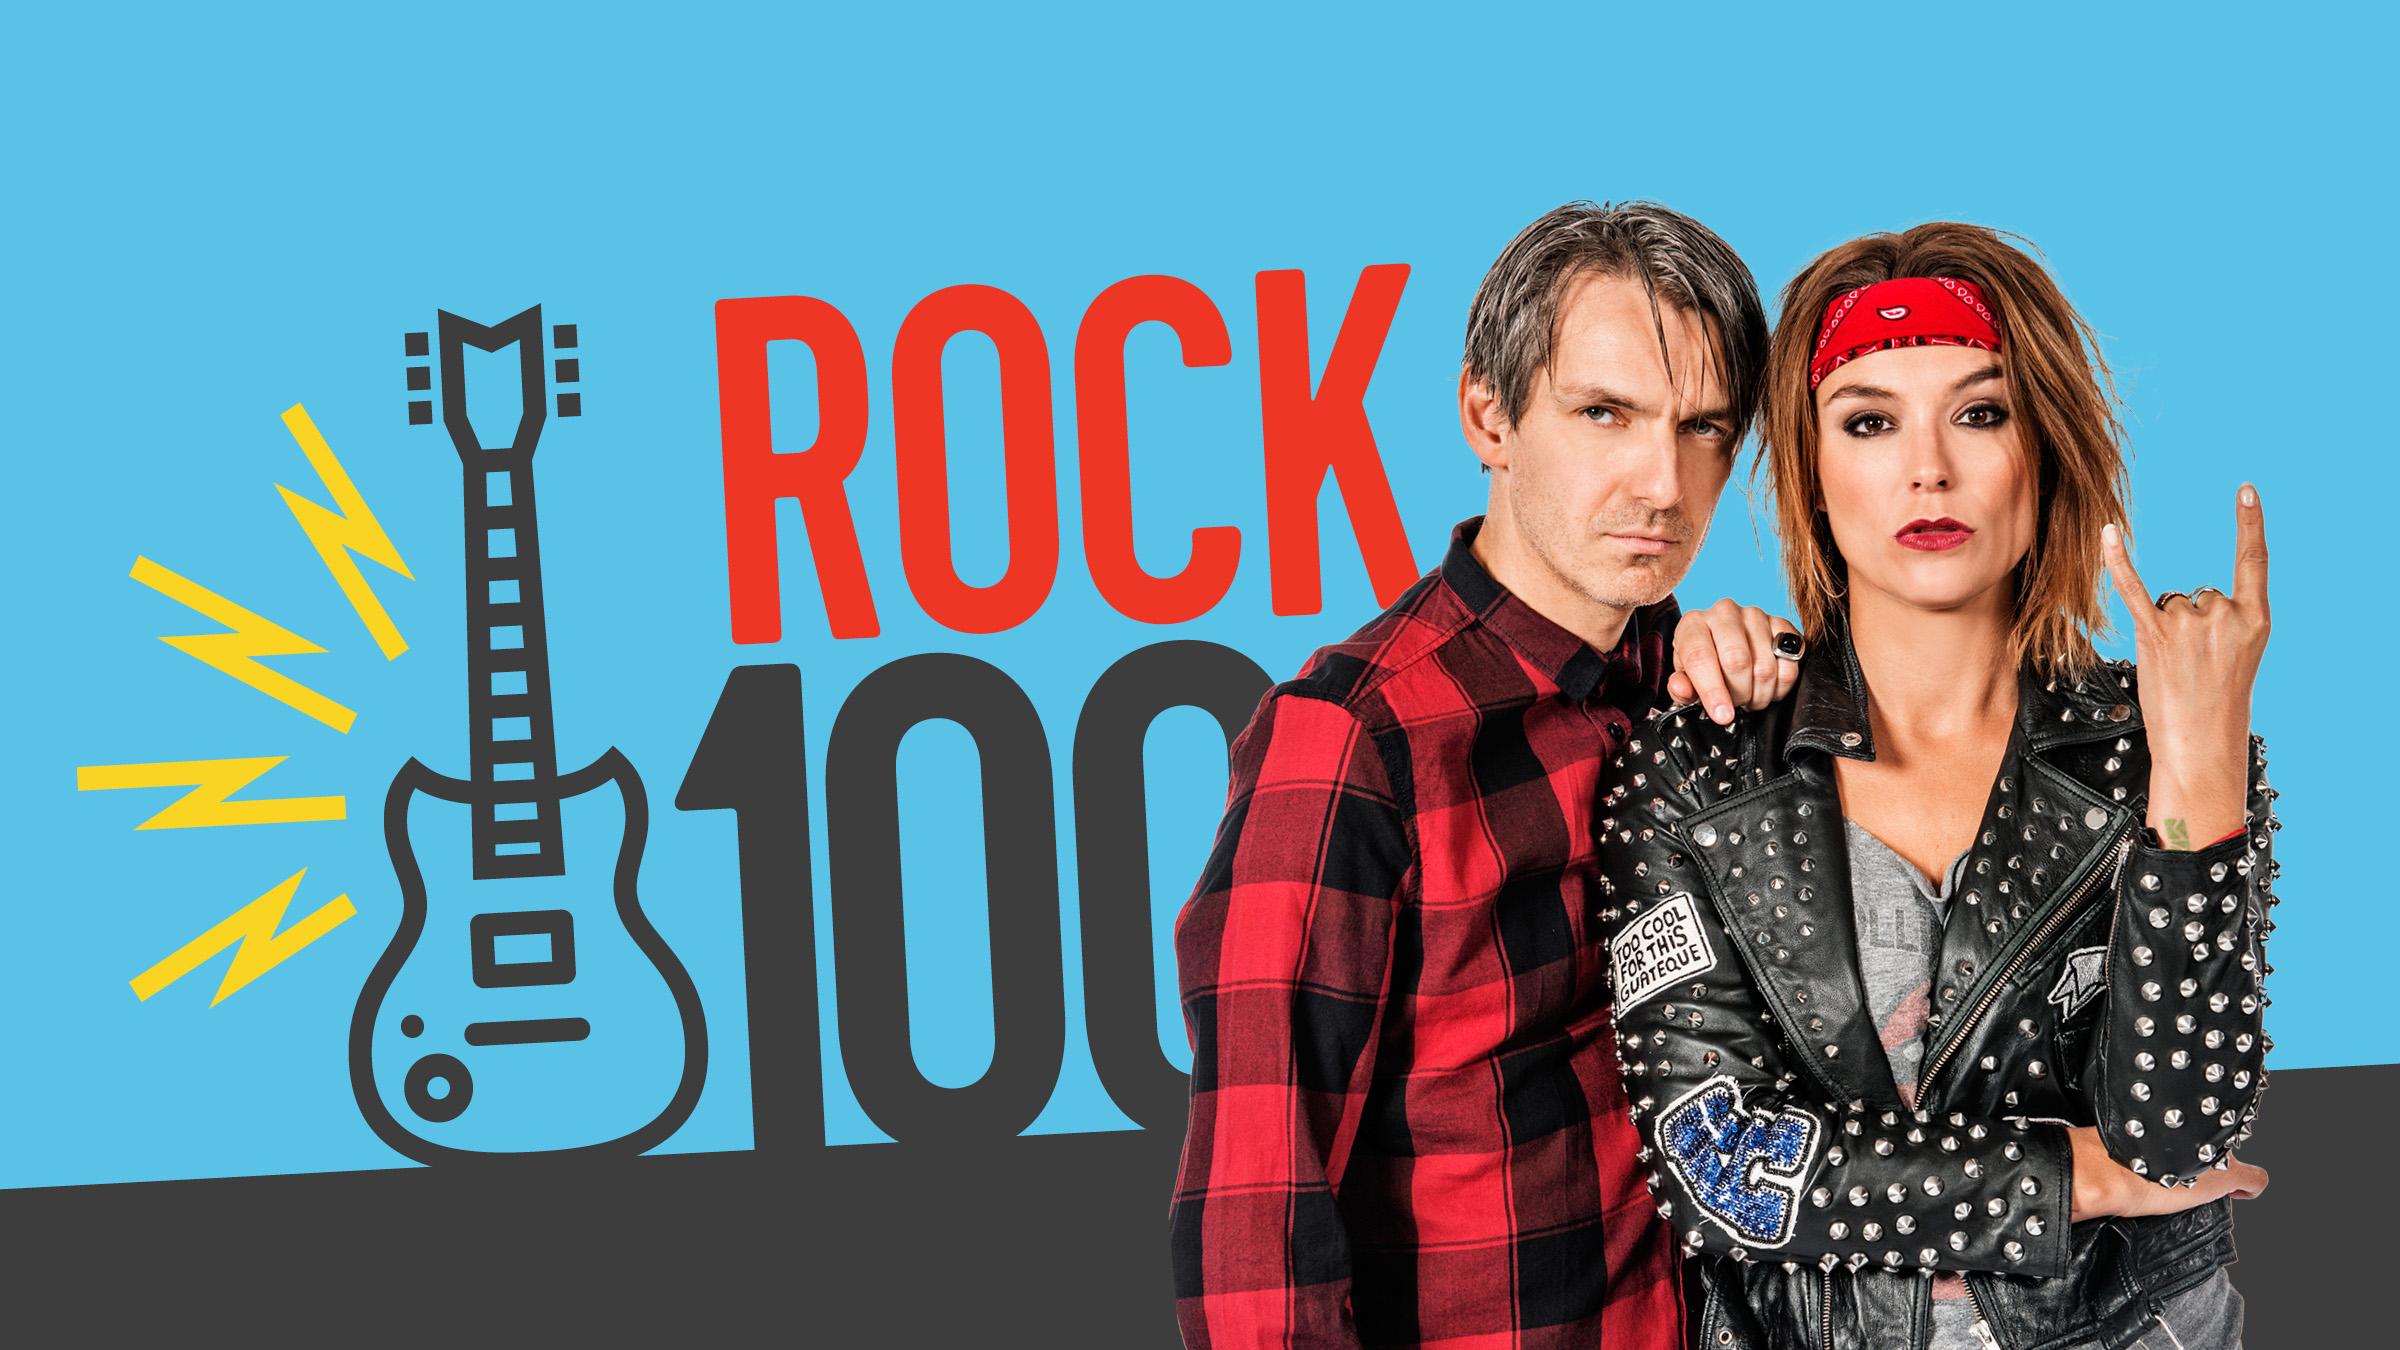 Rock 100 16x9 2400x1350